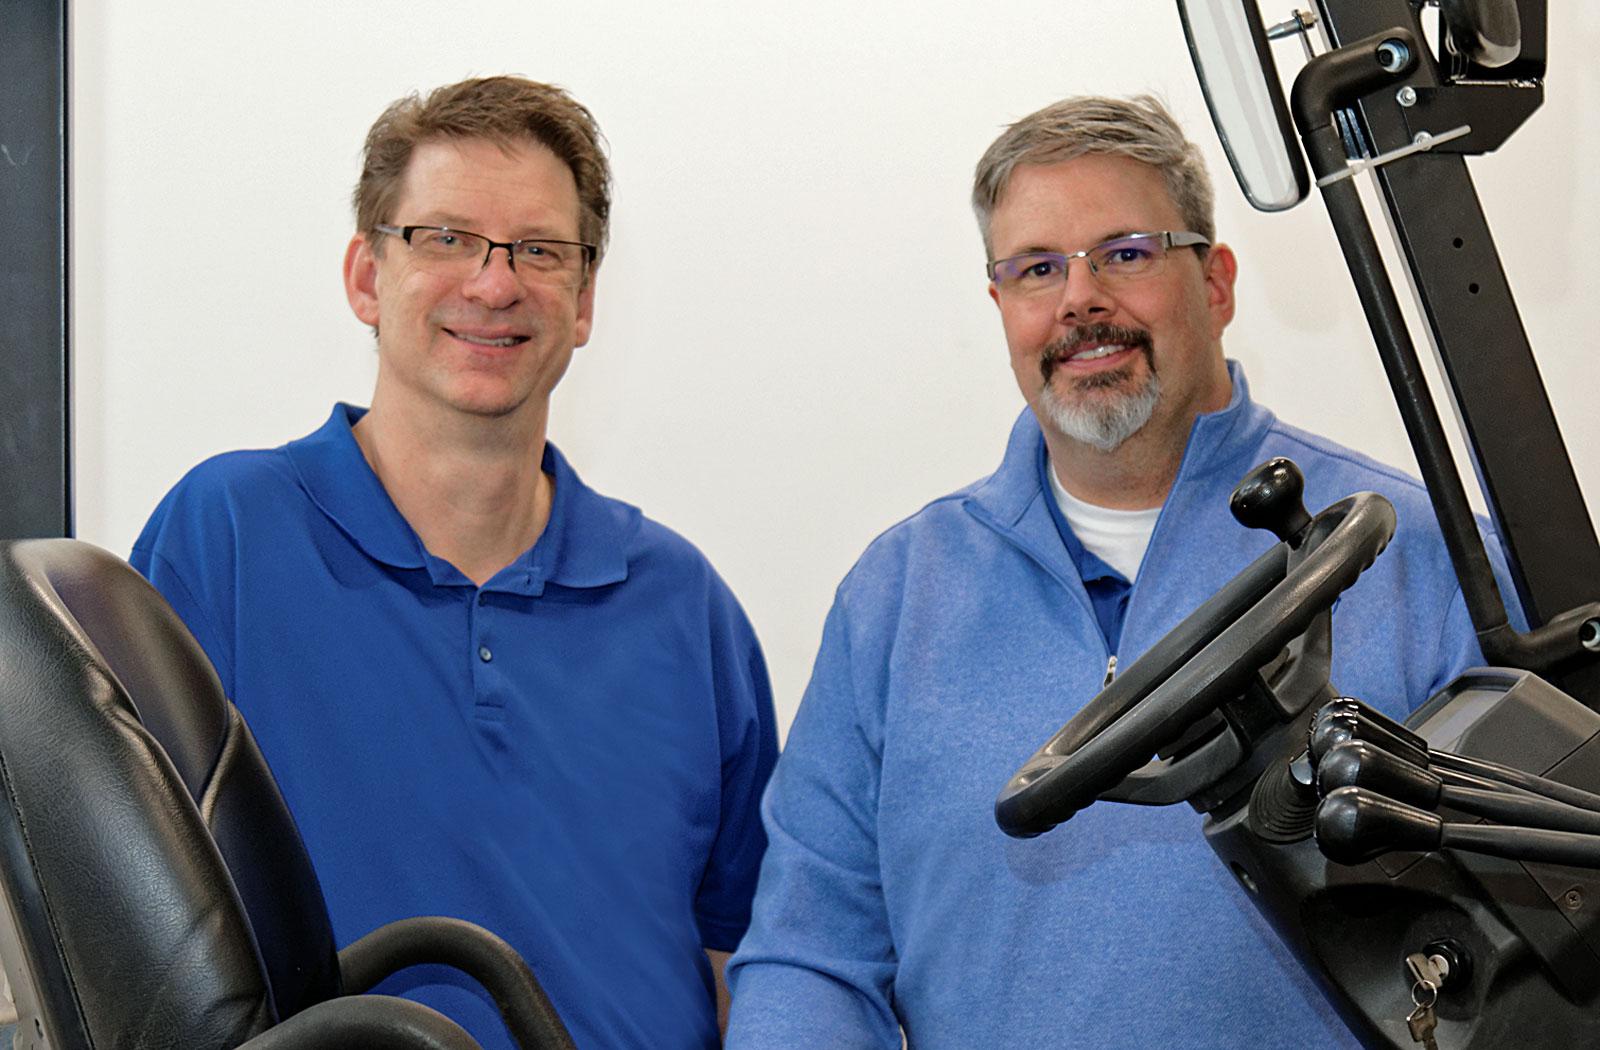 Russ Niedzwiecki & Scott Ahner